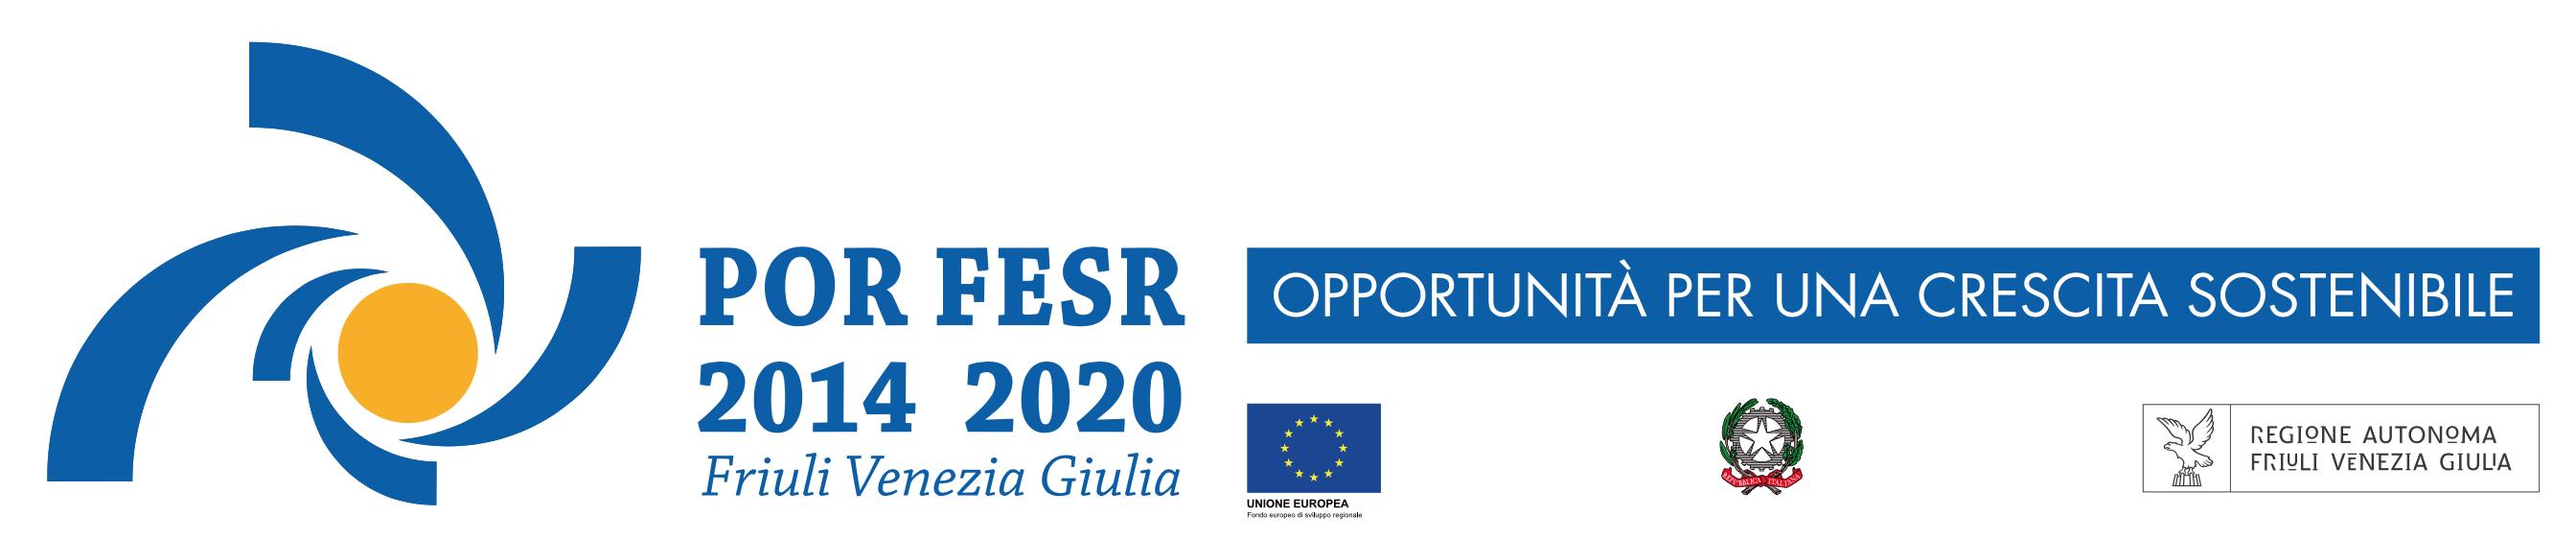 Por Fesr 2014-2020 - Opportunità per una crescita sostenibile